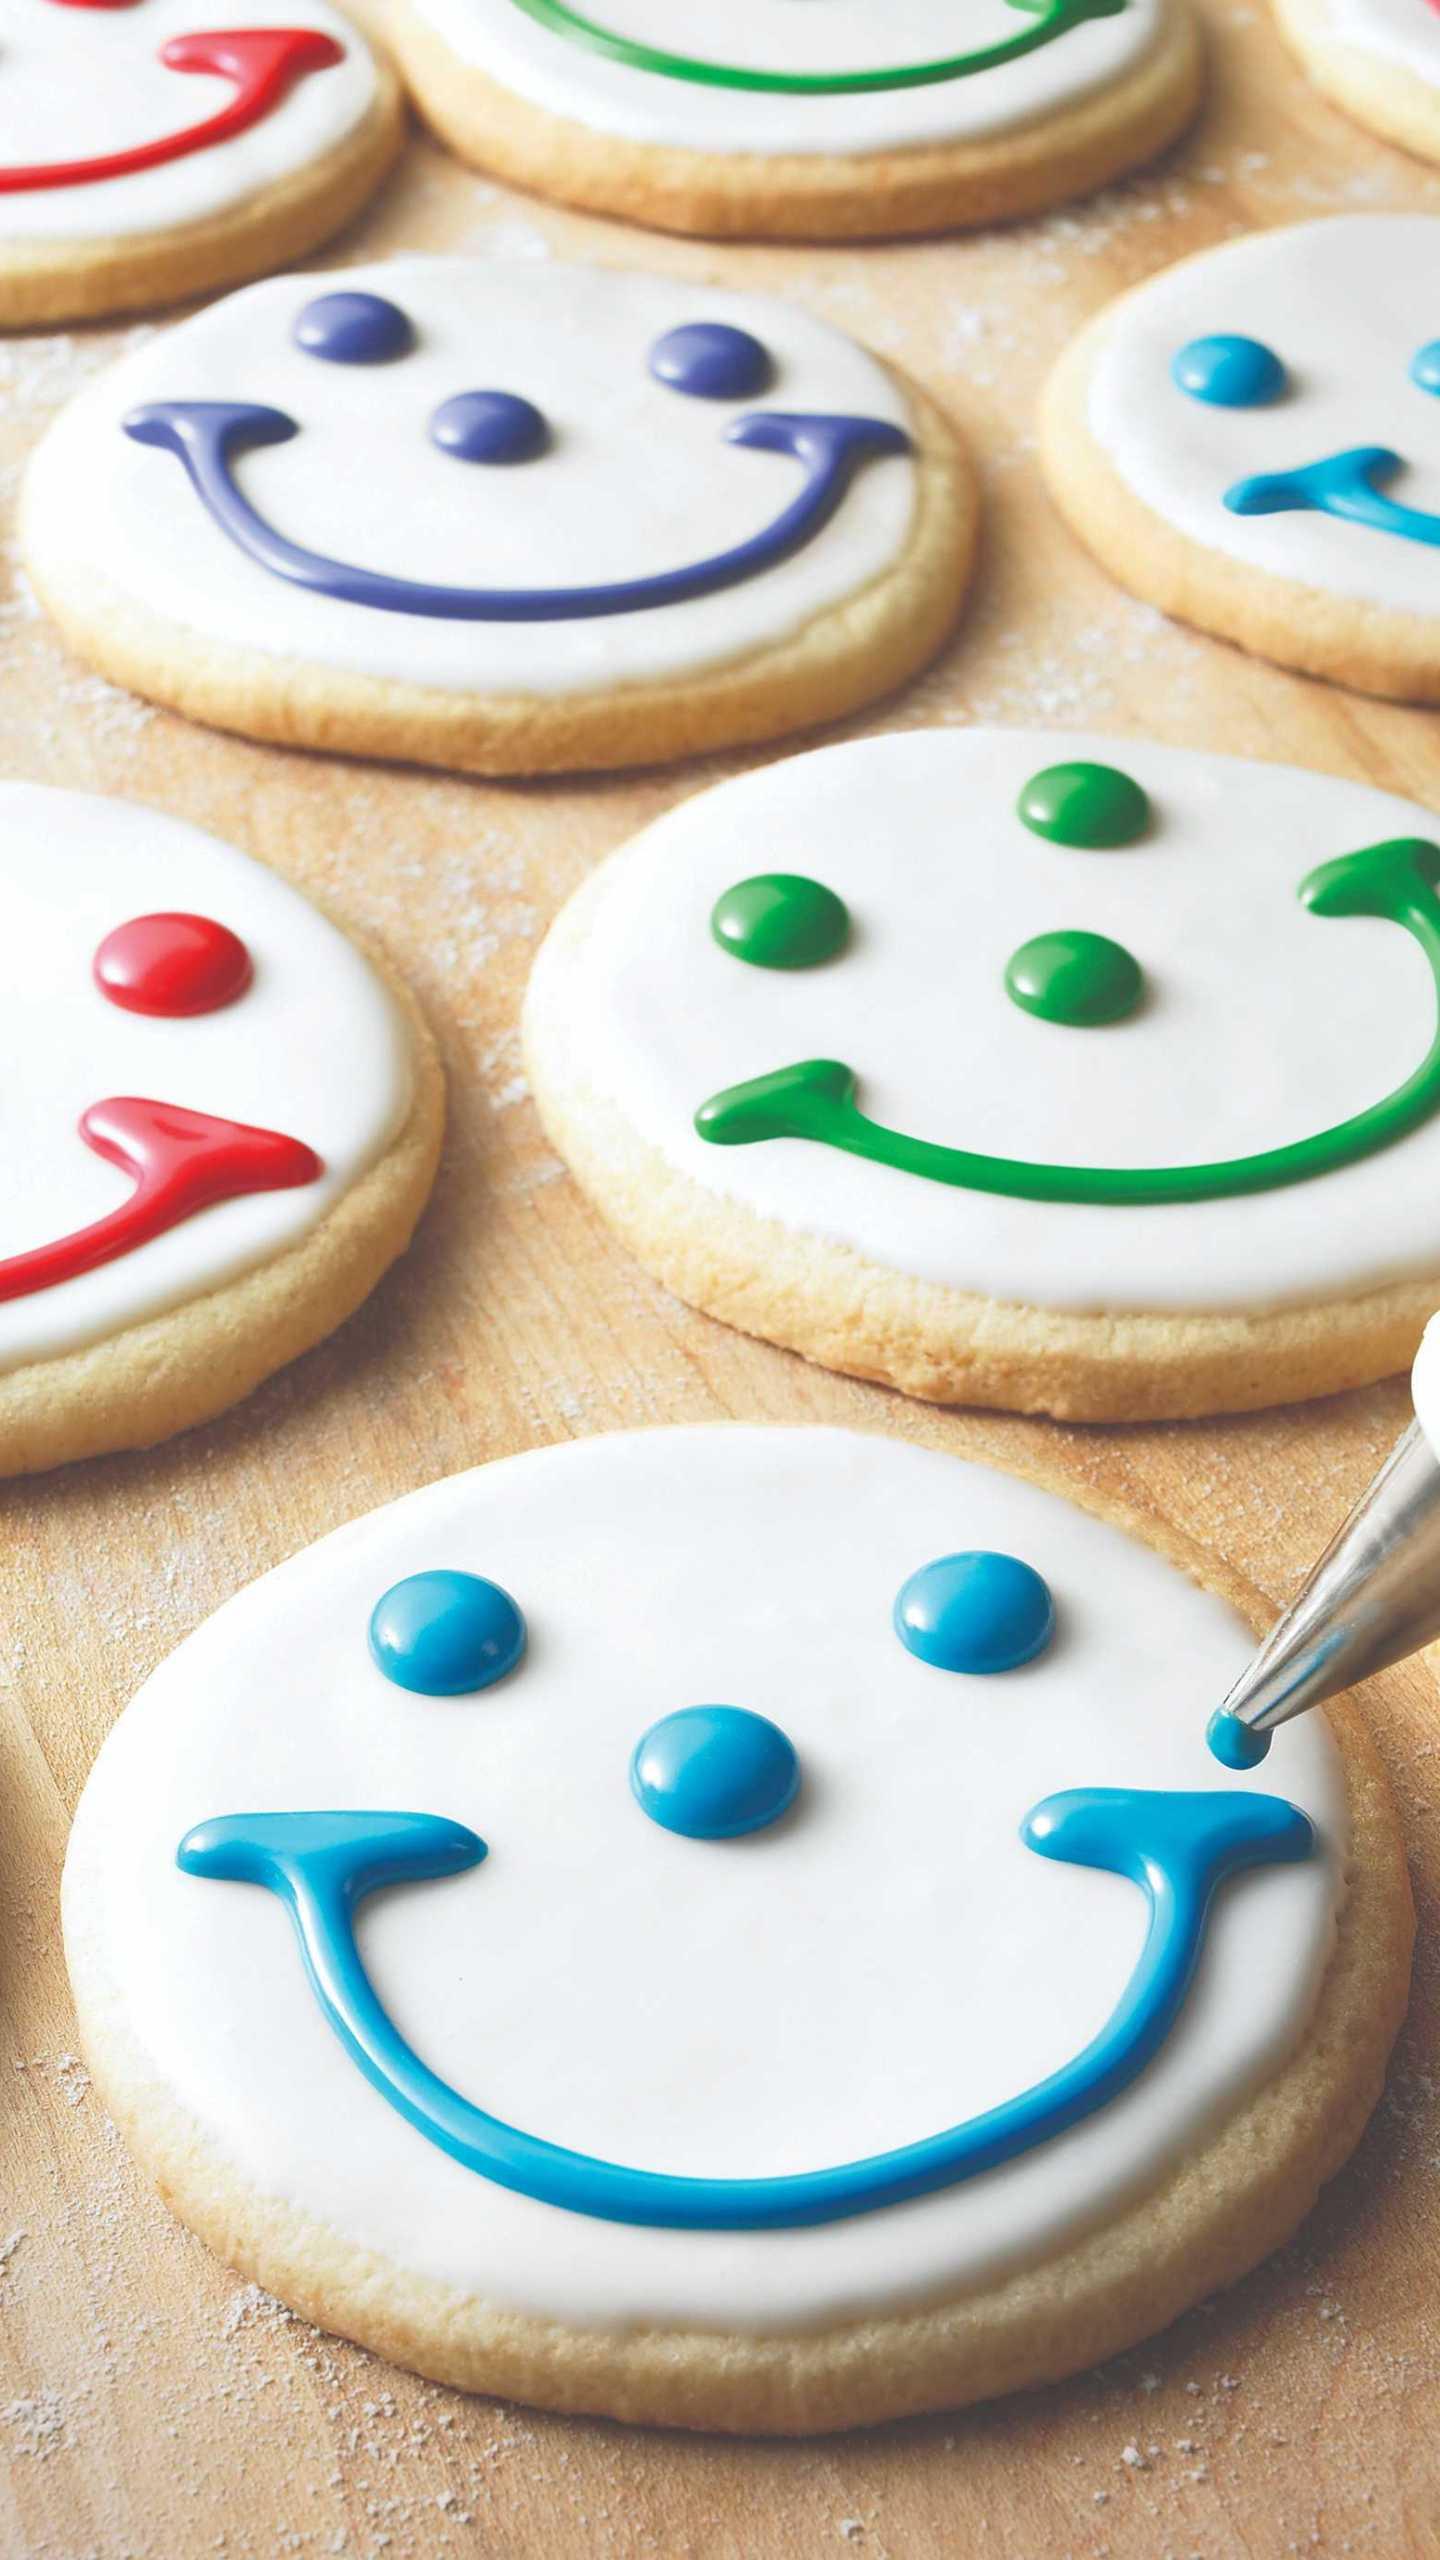 Smiley cookies_1560210363409.jfif.jpg